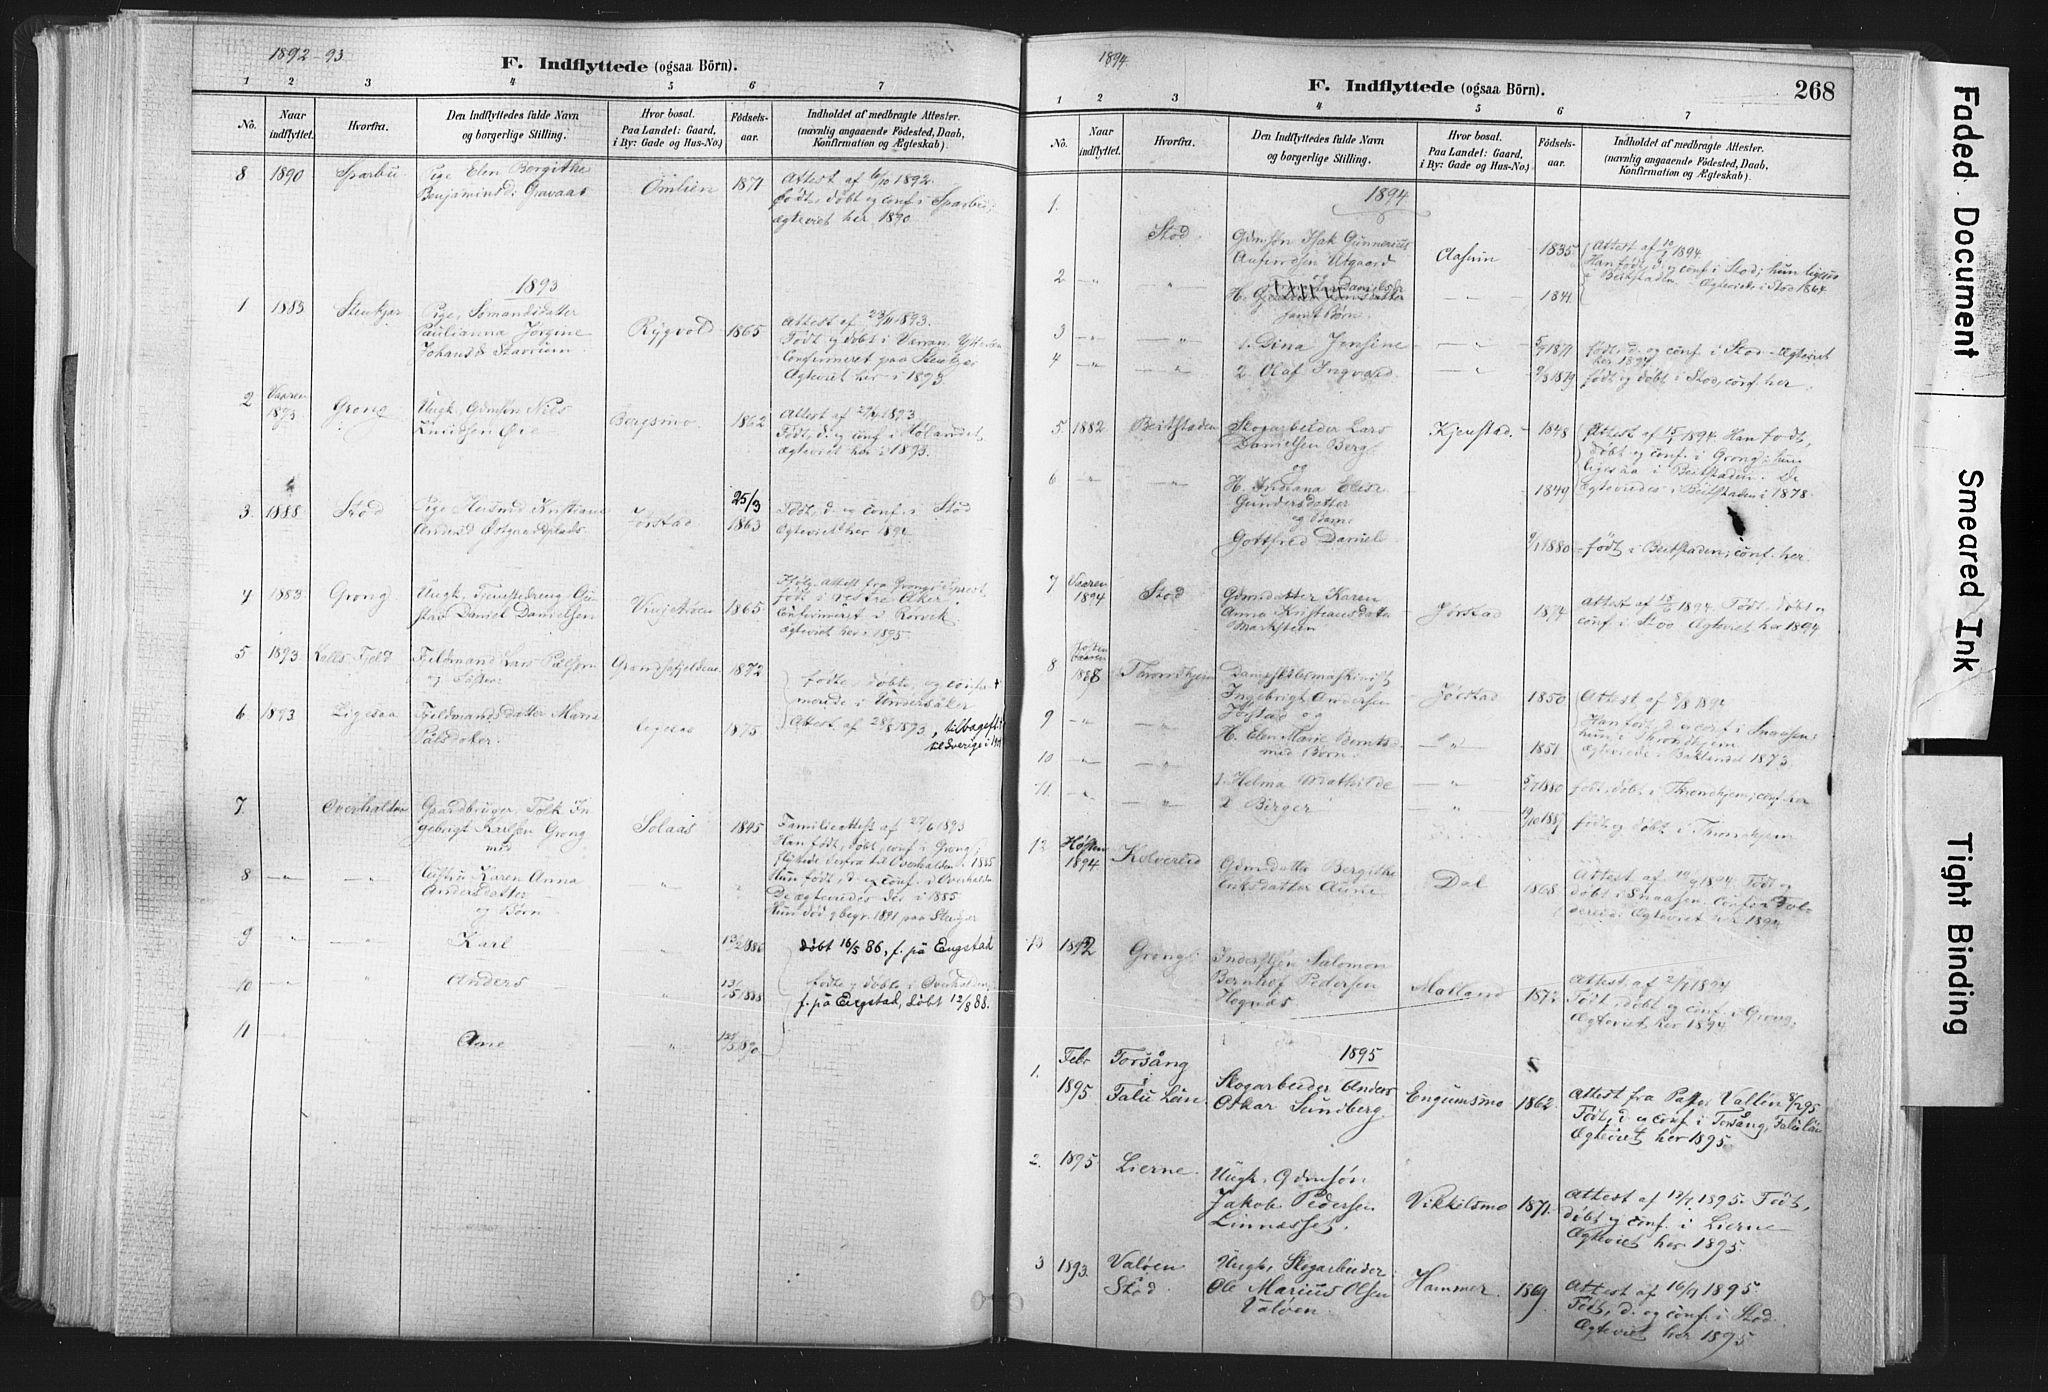 SAT, Ministerialprotokoller, klokkerbøker og fødselsregistre - Nord-Trøndelag, 749/L0474: Ministerialbok nr. 749A08, 1887-1903, s. 268